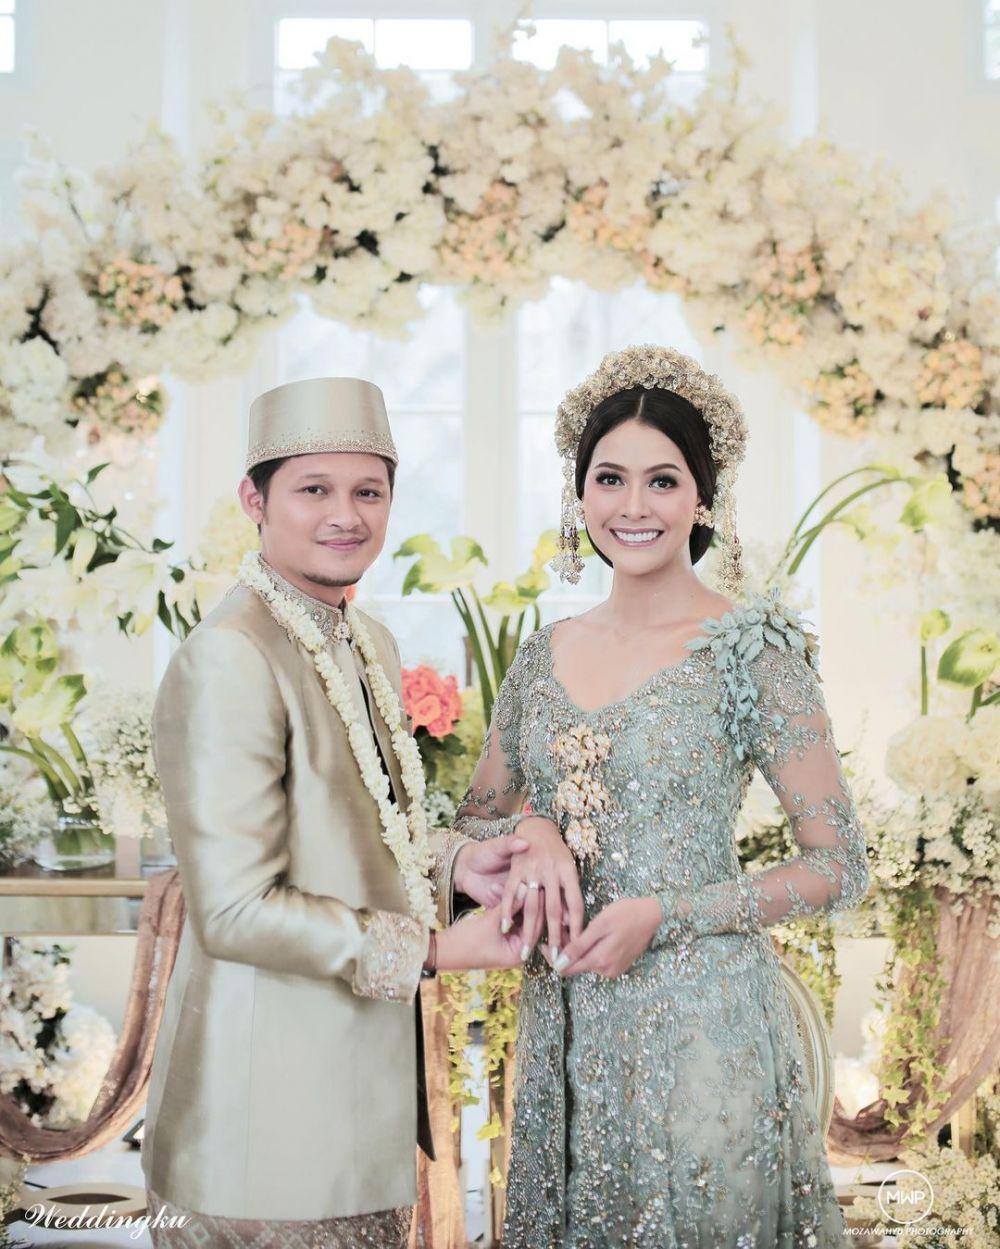 Putri Indonesia saat menikah  © 2021 brilio.net